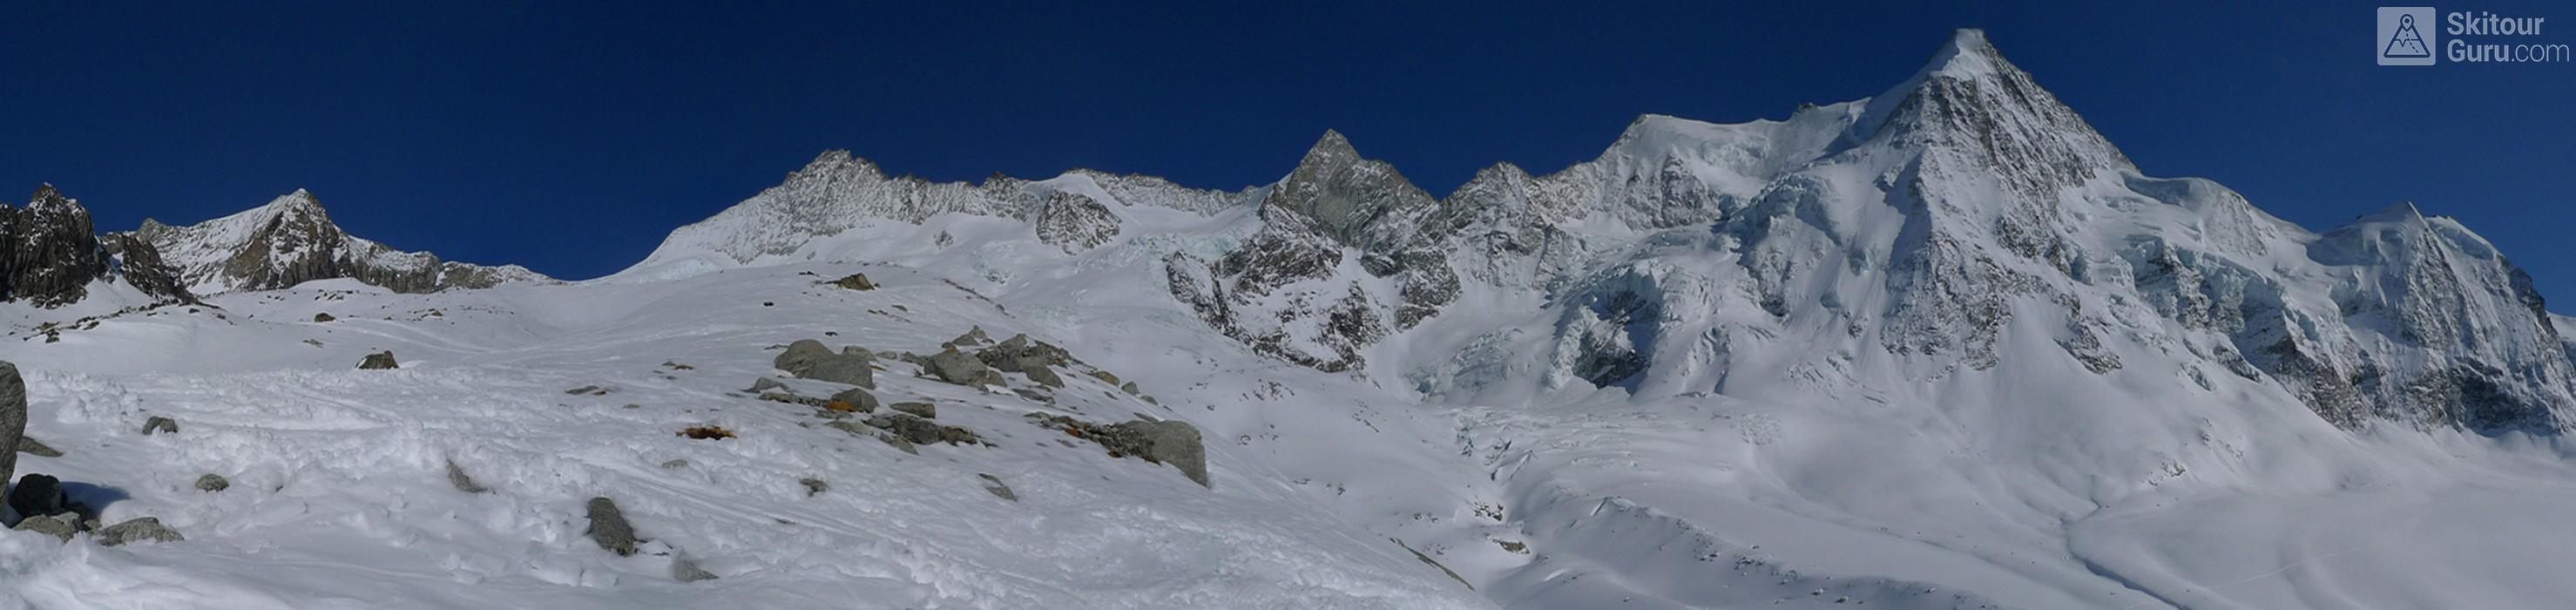 Cabane du Mountet Walliser Alpen / Alpes valaisannes Switzerland panorama 09